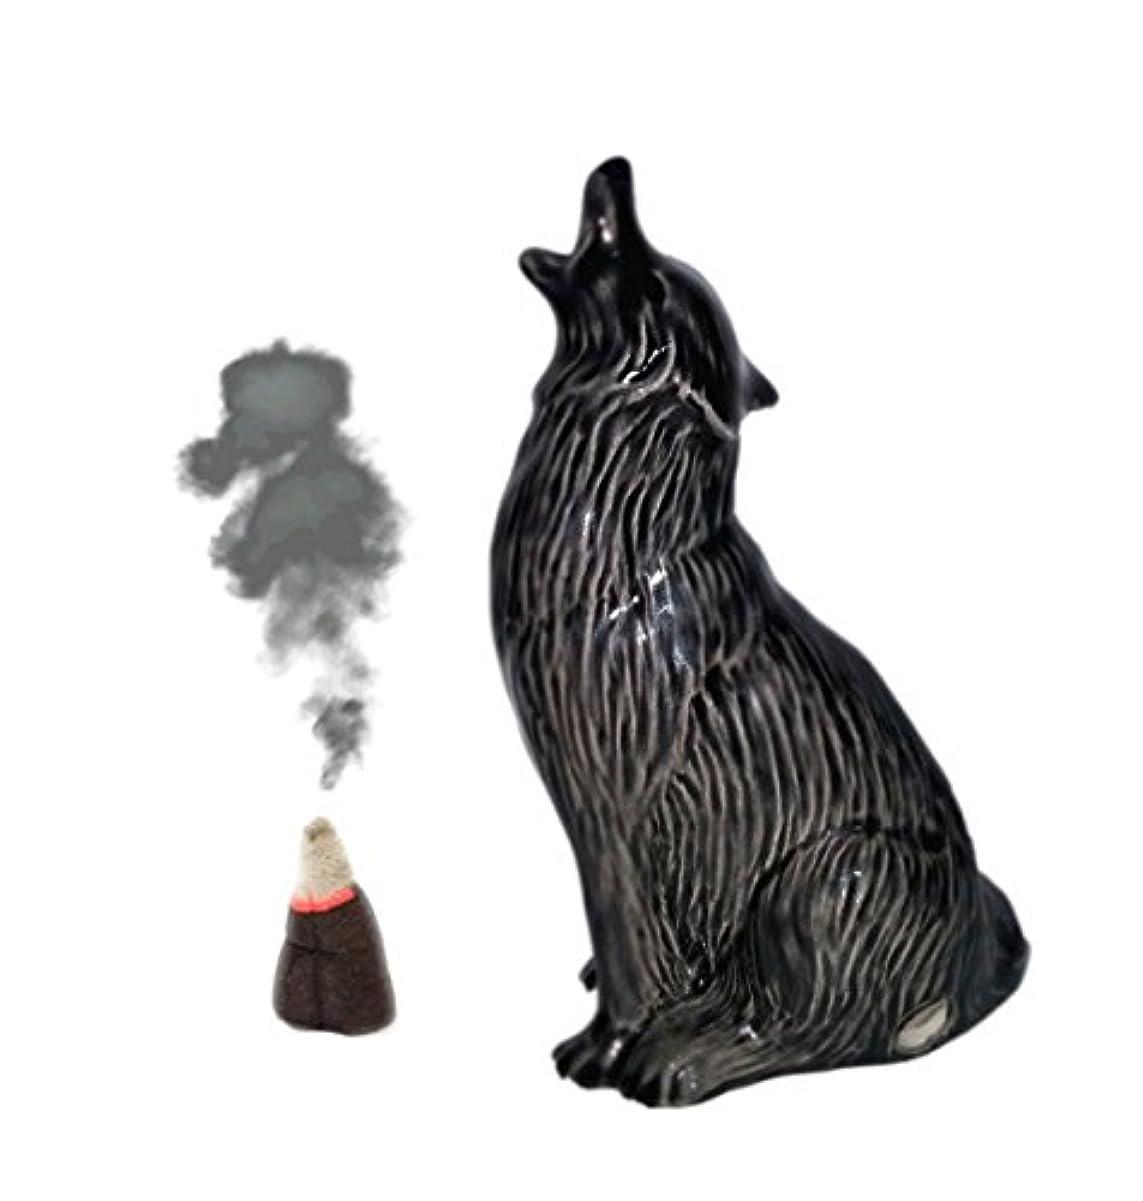 グローブスコットランド人候補者Howling Wolf Cone Incense Burner S ブラック